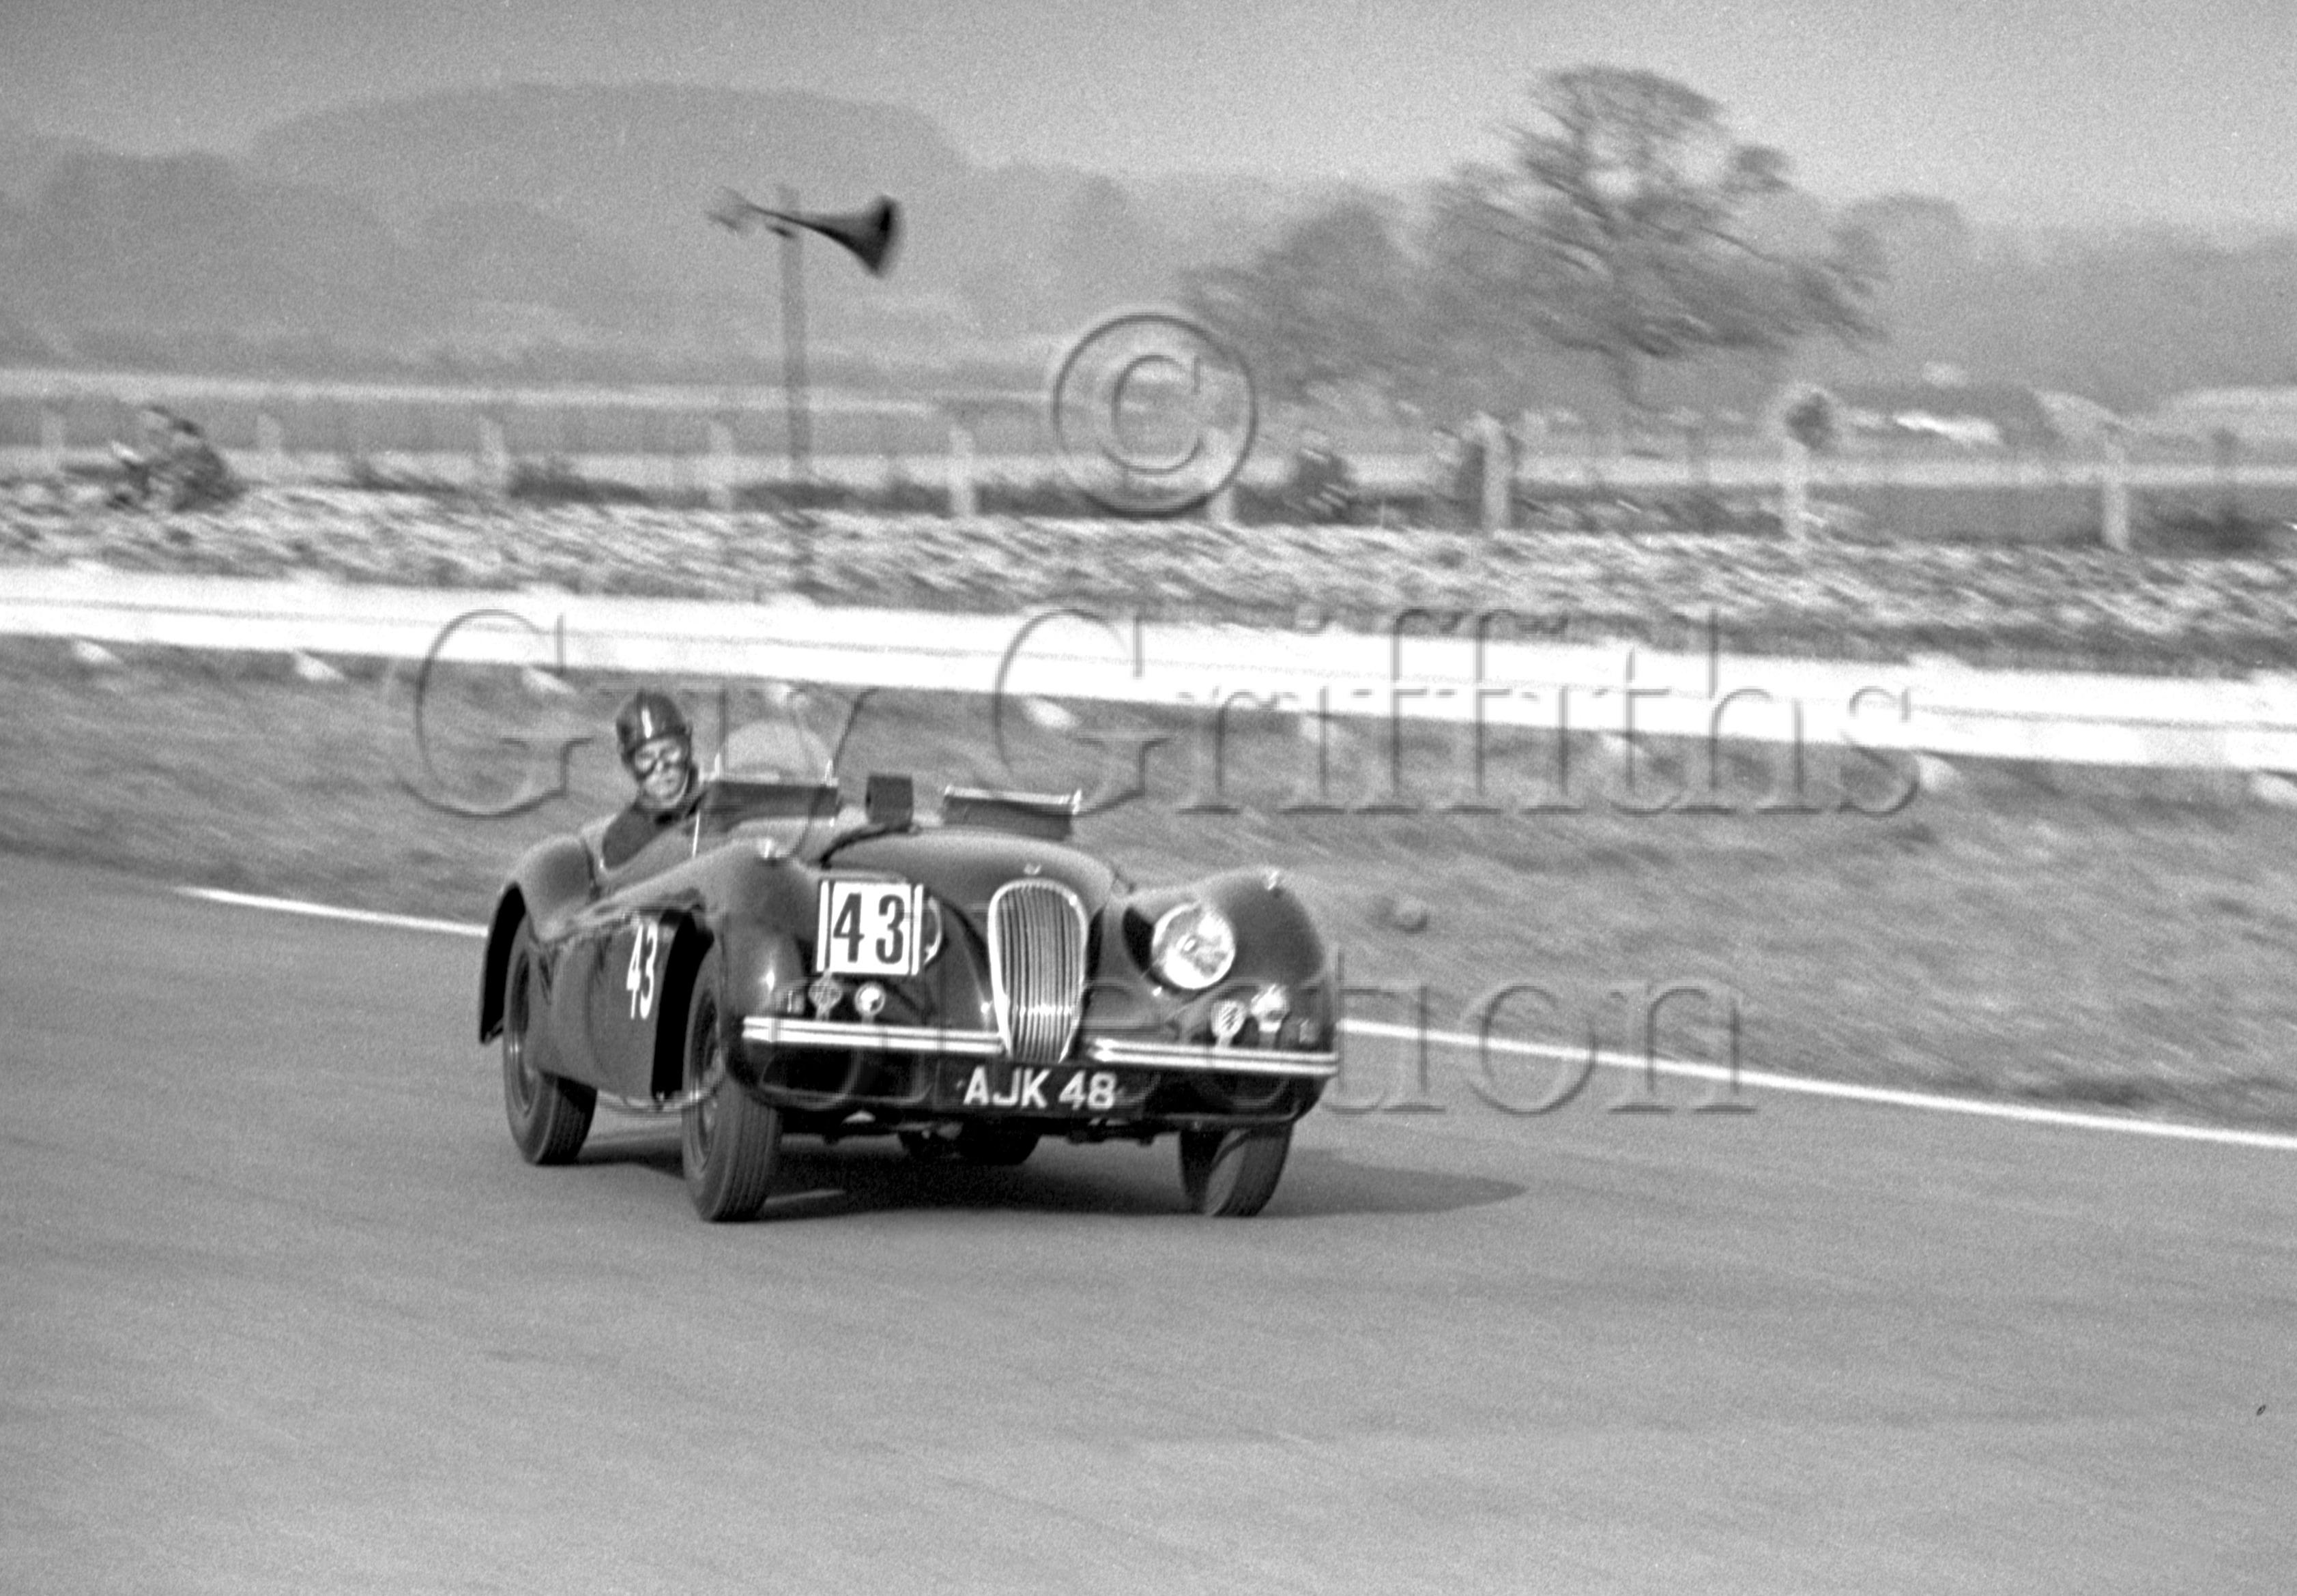 65-376–M-Levy–Jaguar-XK-120-AJK-48–Goodwood–21-03-1953.jpg - Guy Griffiths Collection